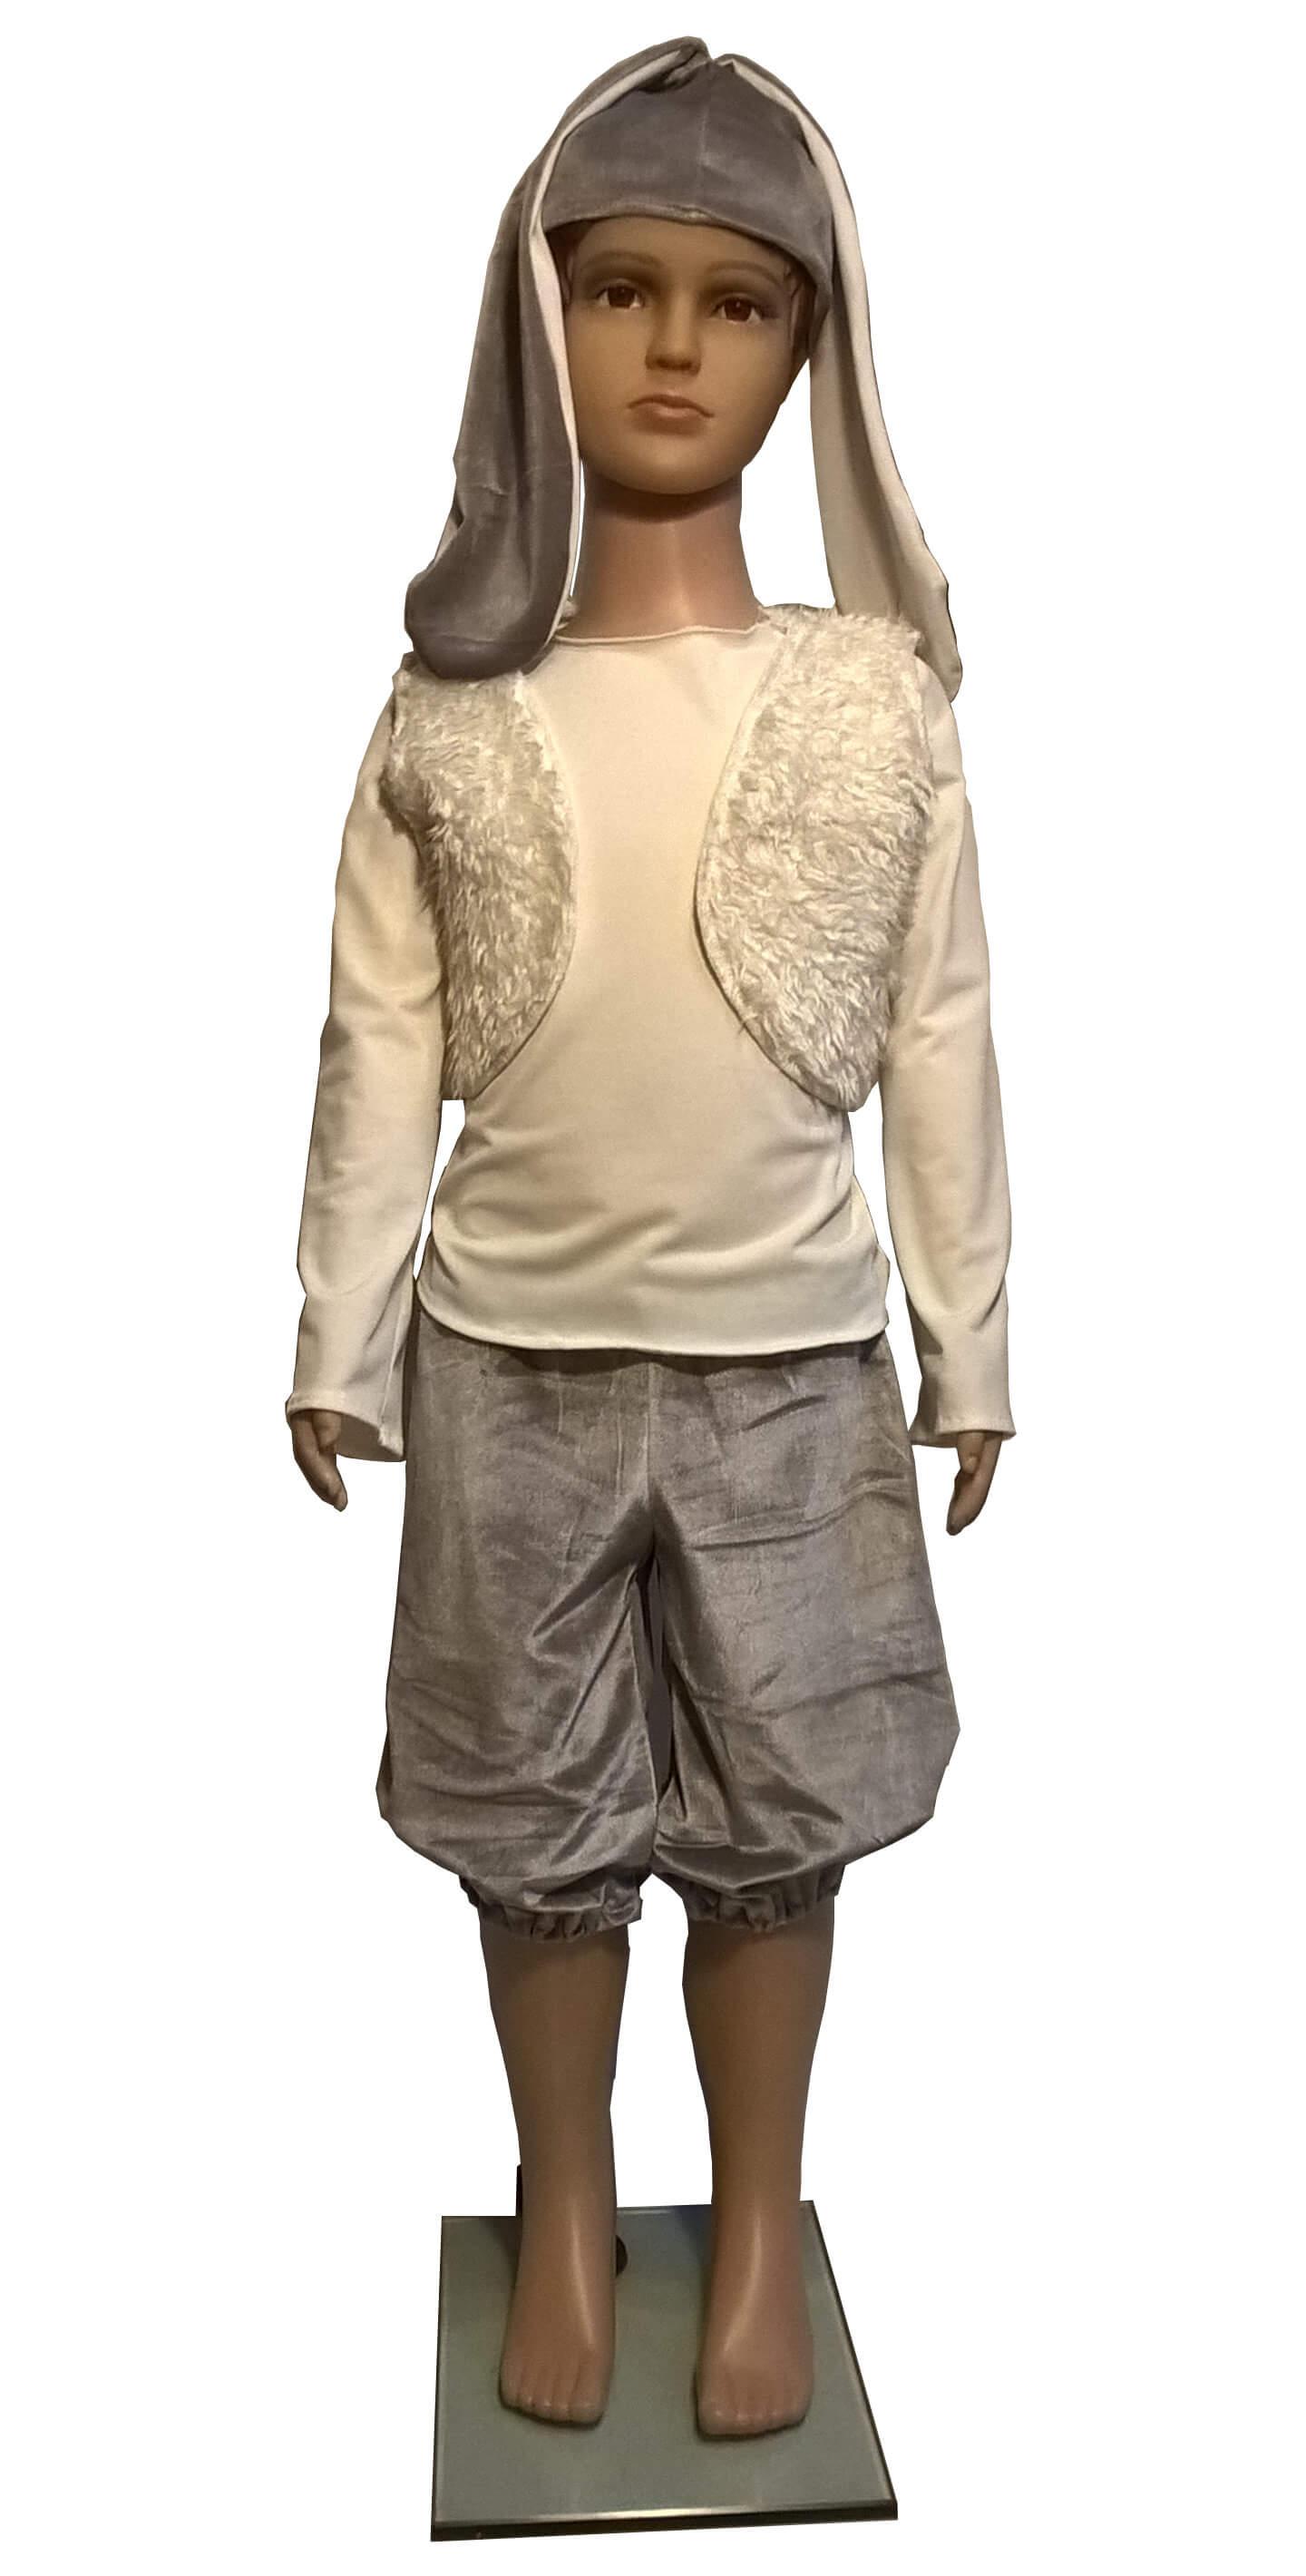 Kiškio kostiumas. Gyvunų karnavaliniai kostiumai. Karnavaliniu kostiumu nuoma vaikams Vilniuje - pasakunamai.lt